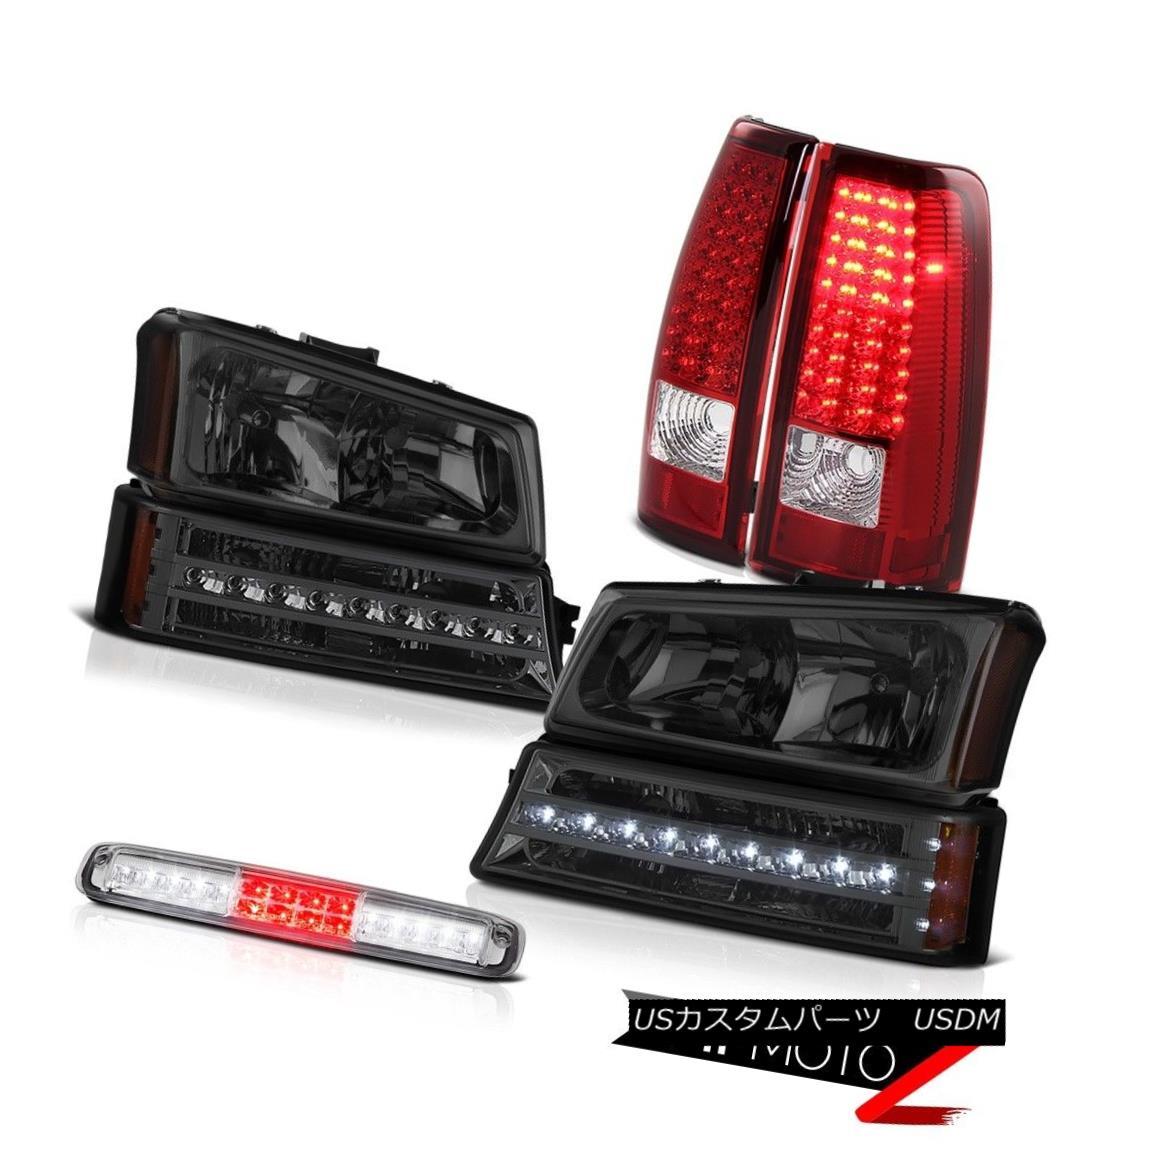 テールライト 2003-2006 Silverado Roof Brake Lamp Dark Smoke Headlights Parking Red Rear Lamps 2003-2006シルバラド屋根のブレーキランプ暗い煙のヘッドライトパーキングレッドのリアライト